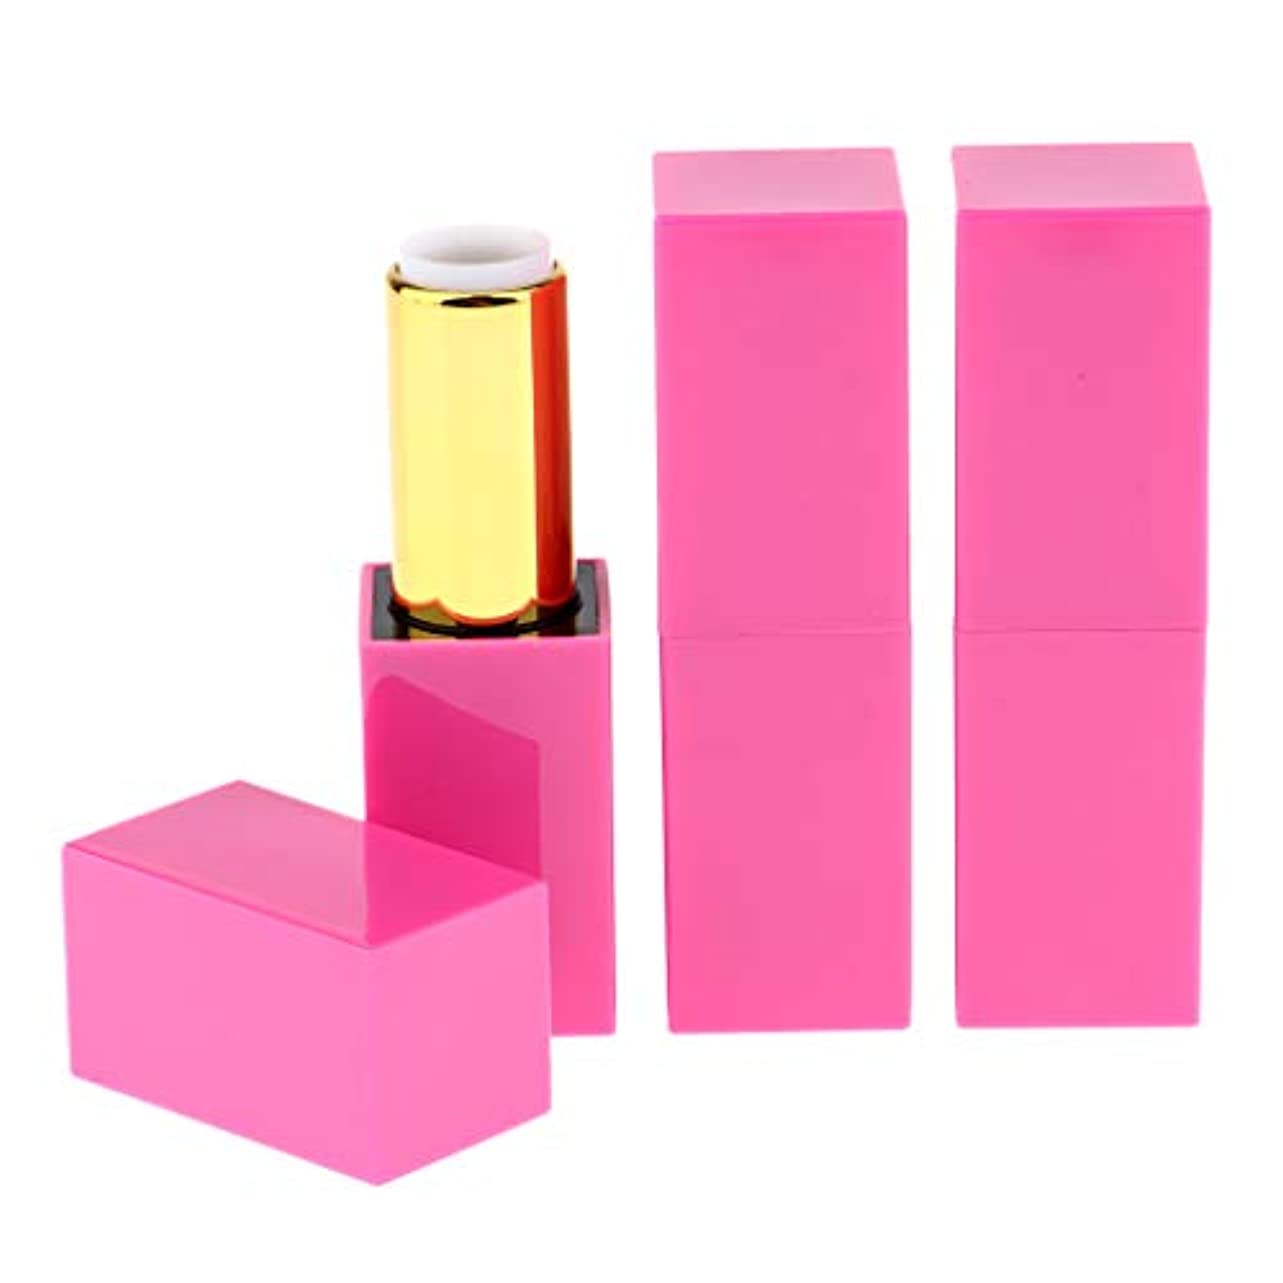 印象ブランク作家Sharplace 化粧チューブ 空の口紅チューブ リップグロスチューブ リップクリーム容器 3個セット